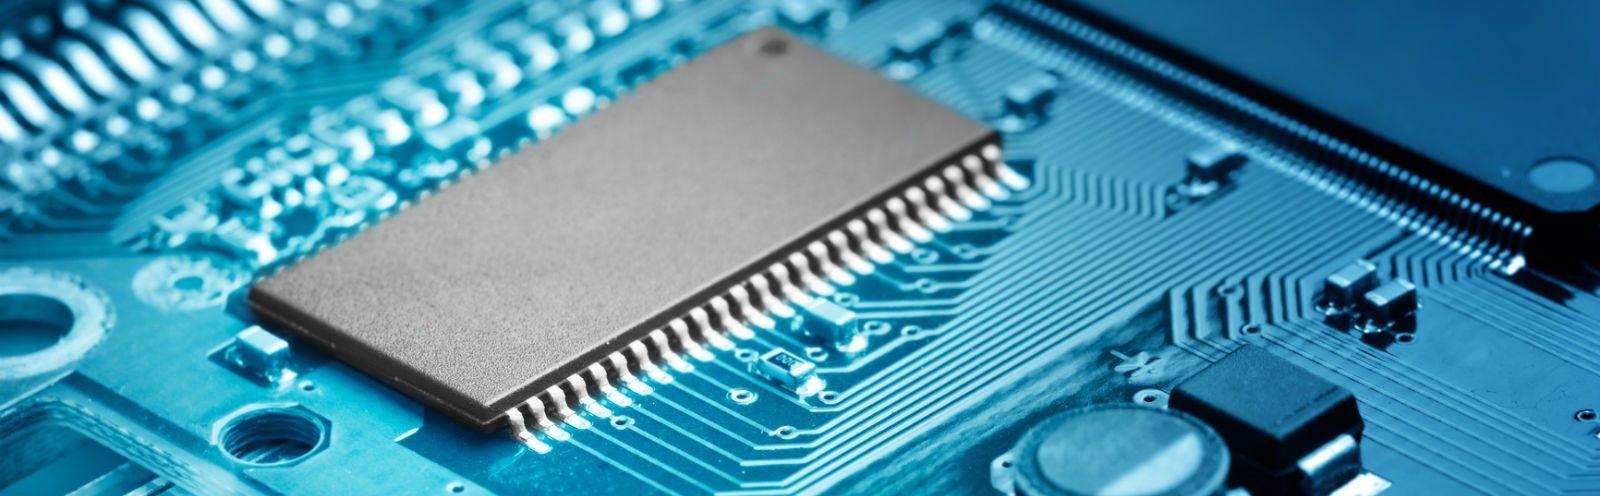 Производство серверов персональных компьютеров ABAKUS